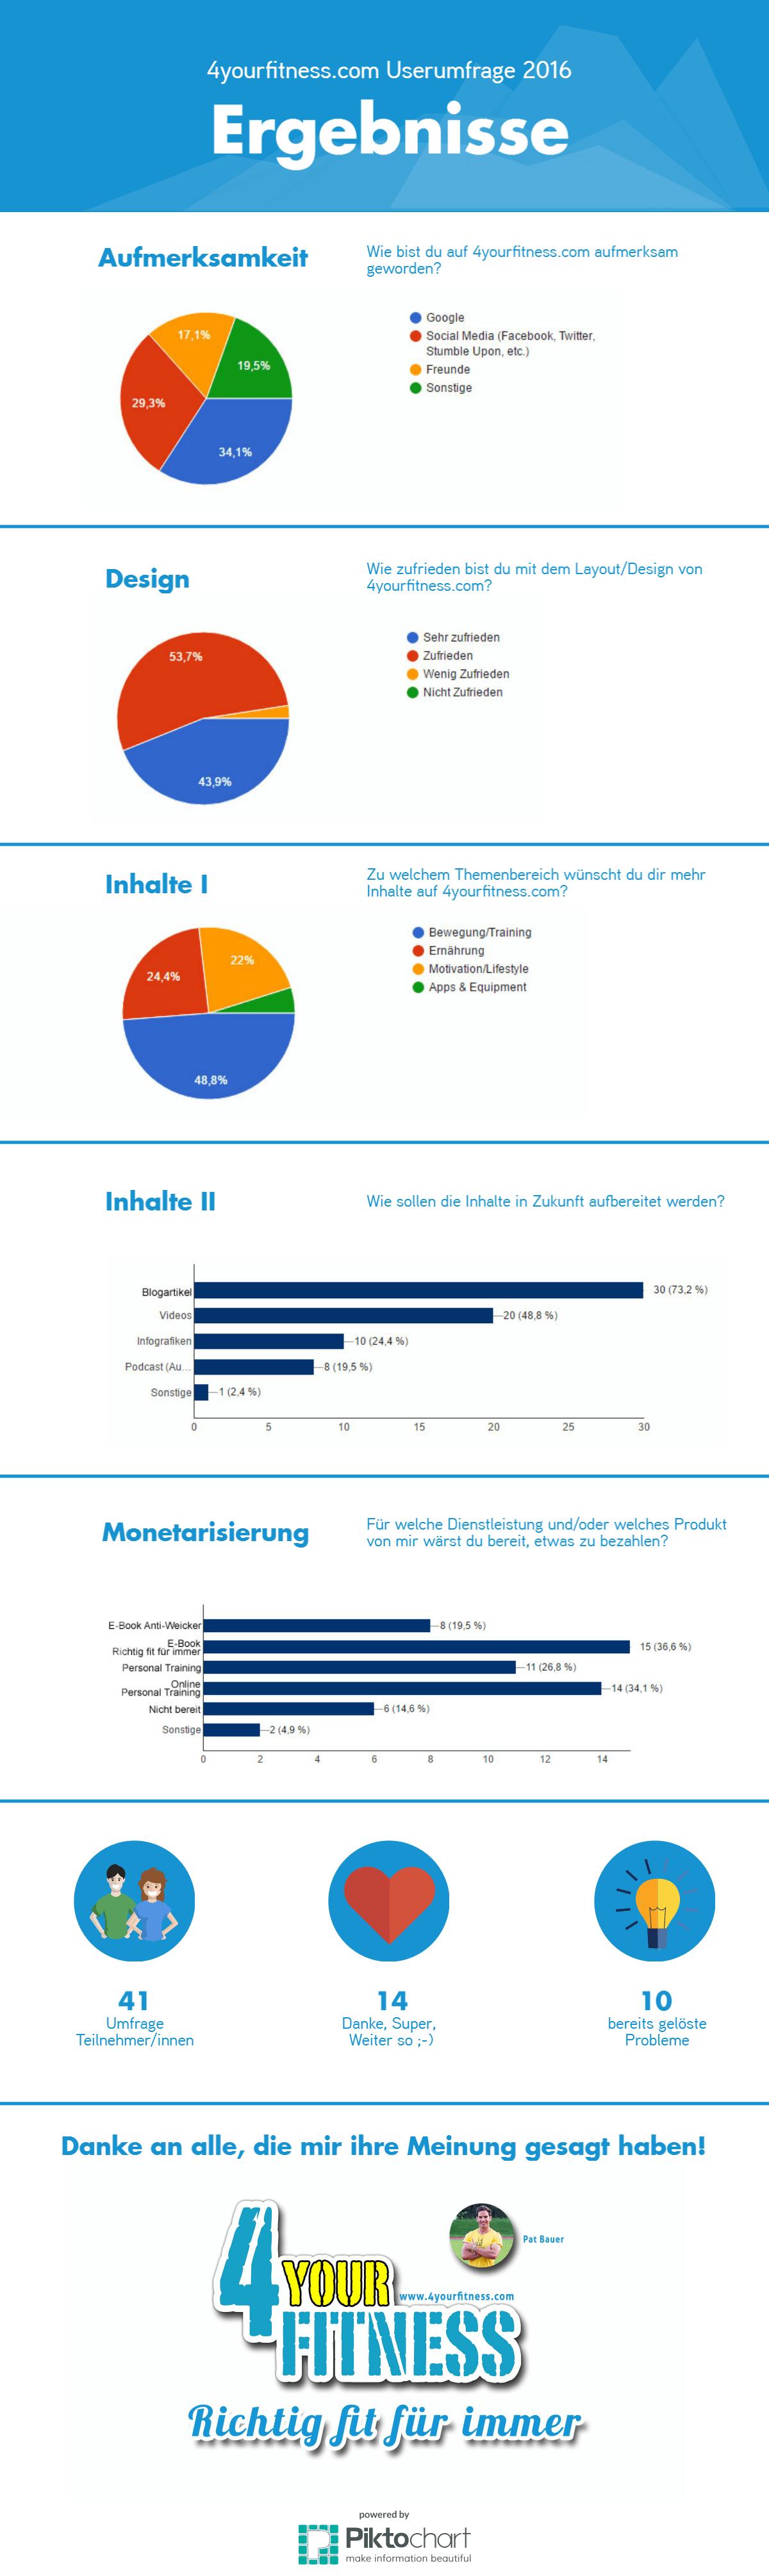 Userumfrage - die Zusammenfassung der Ergebnisse